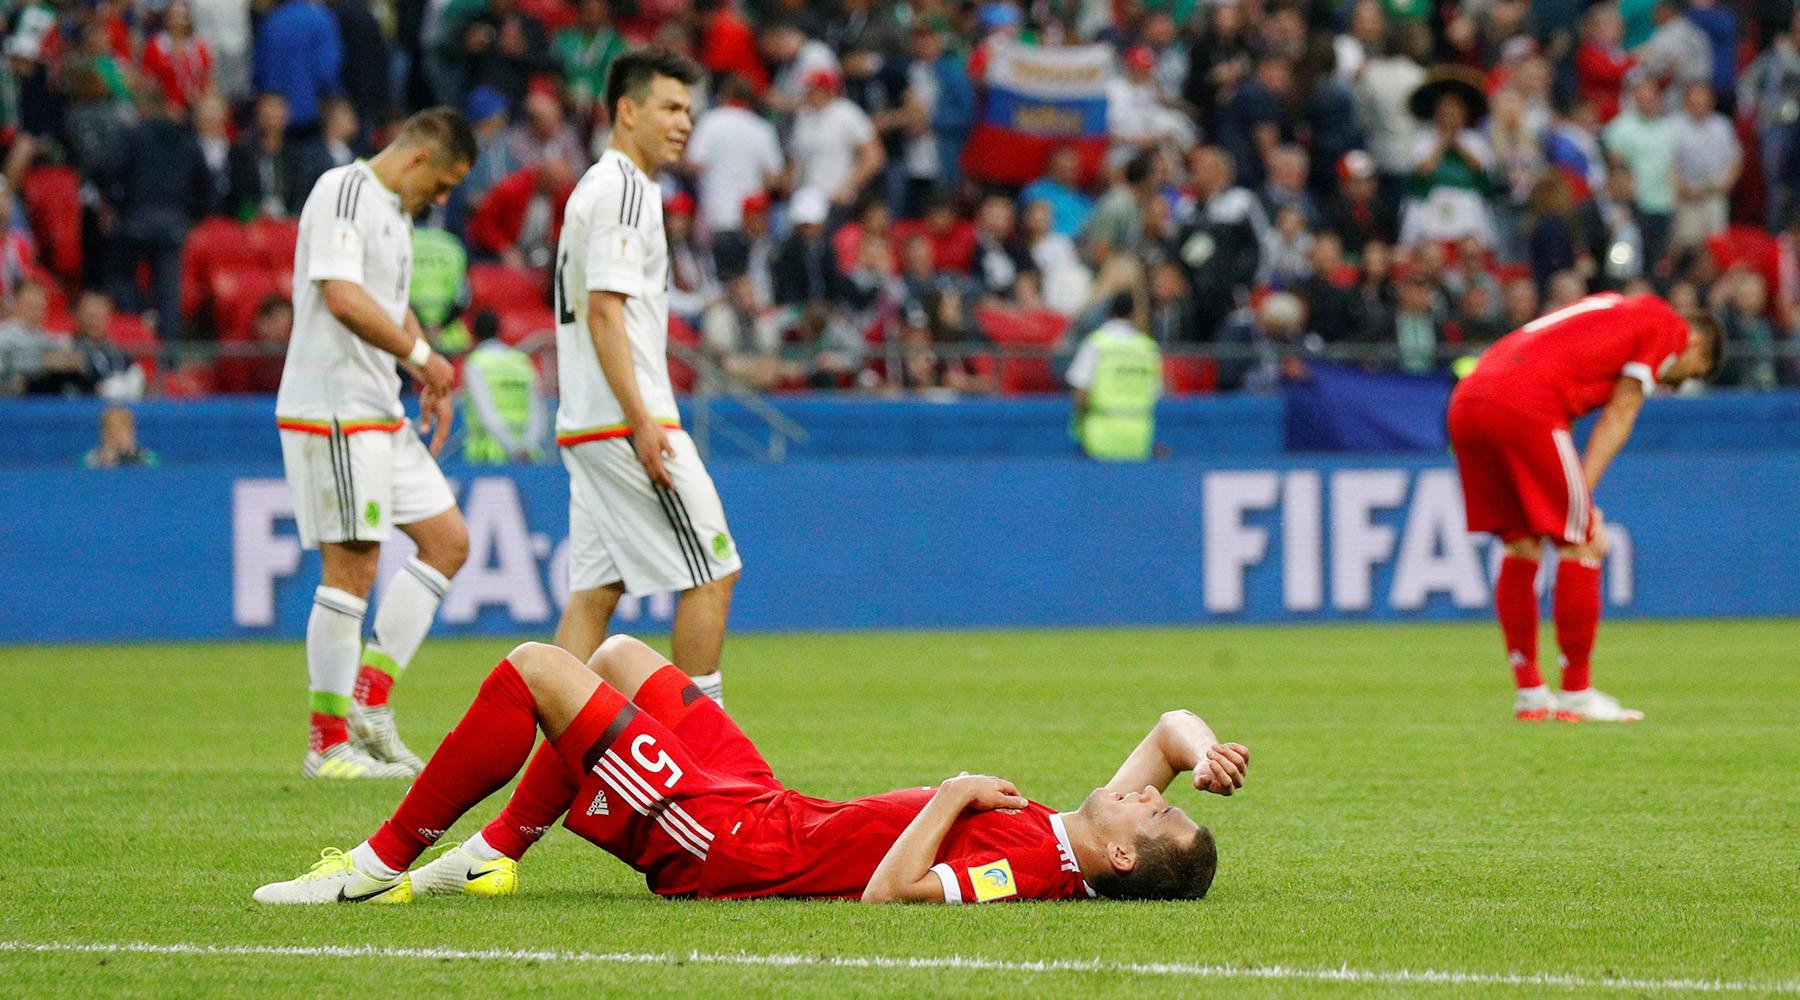 Сборная России по футболу завершила выступление на Кубке конфедераций